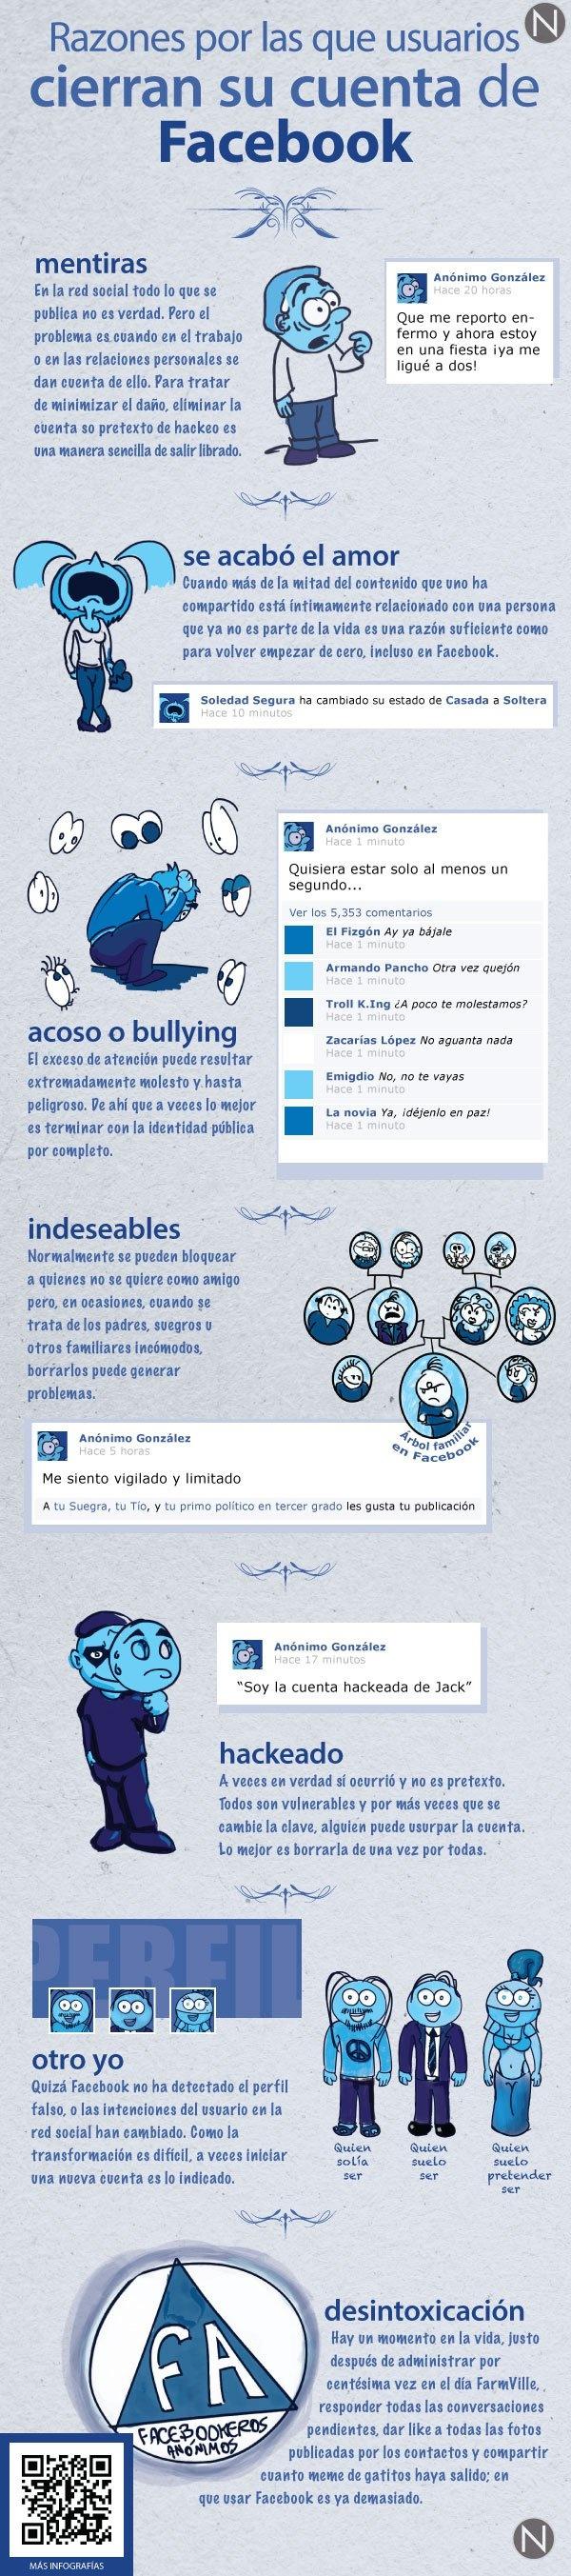 Razones para cerrar una cuenta de FaceBook #infografia #infographic #socialmedia